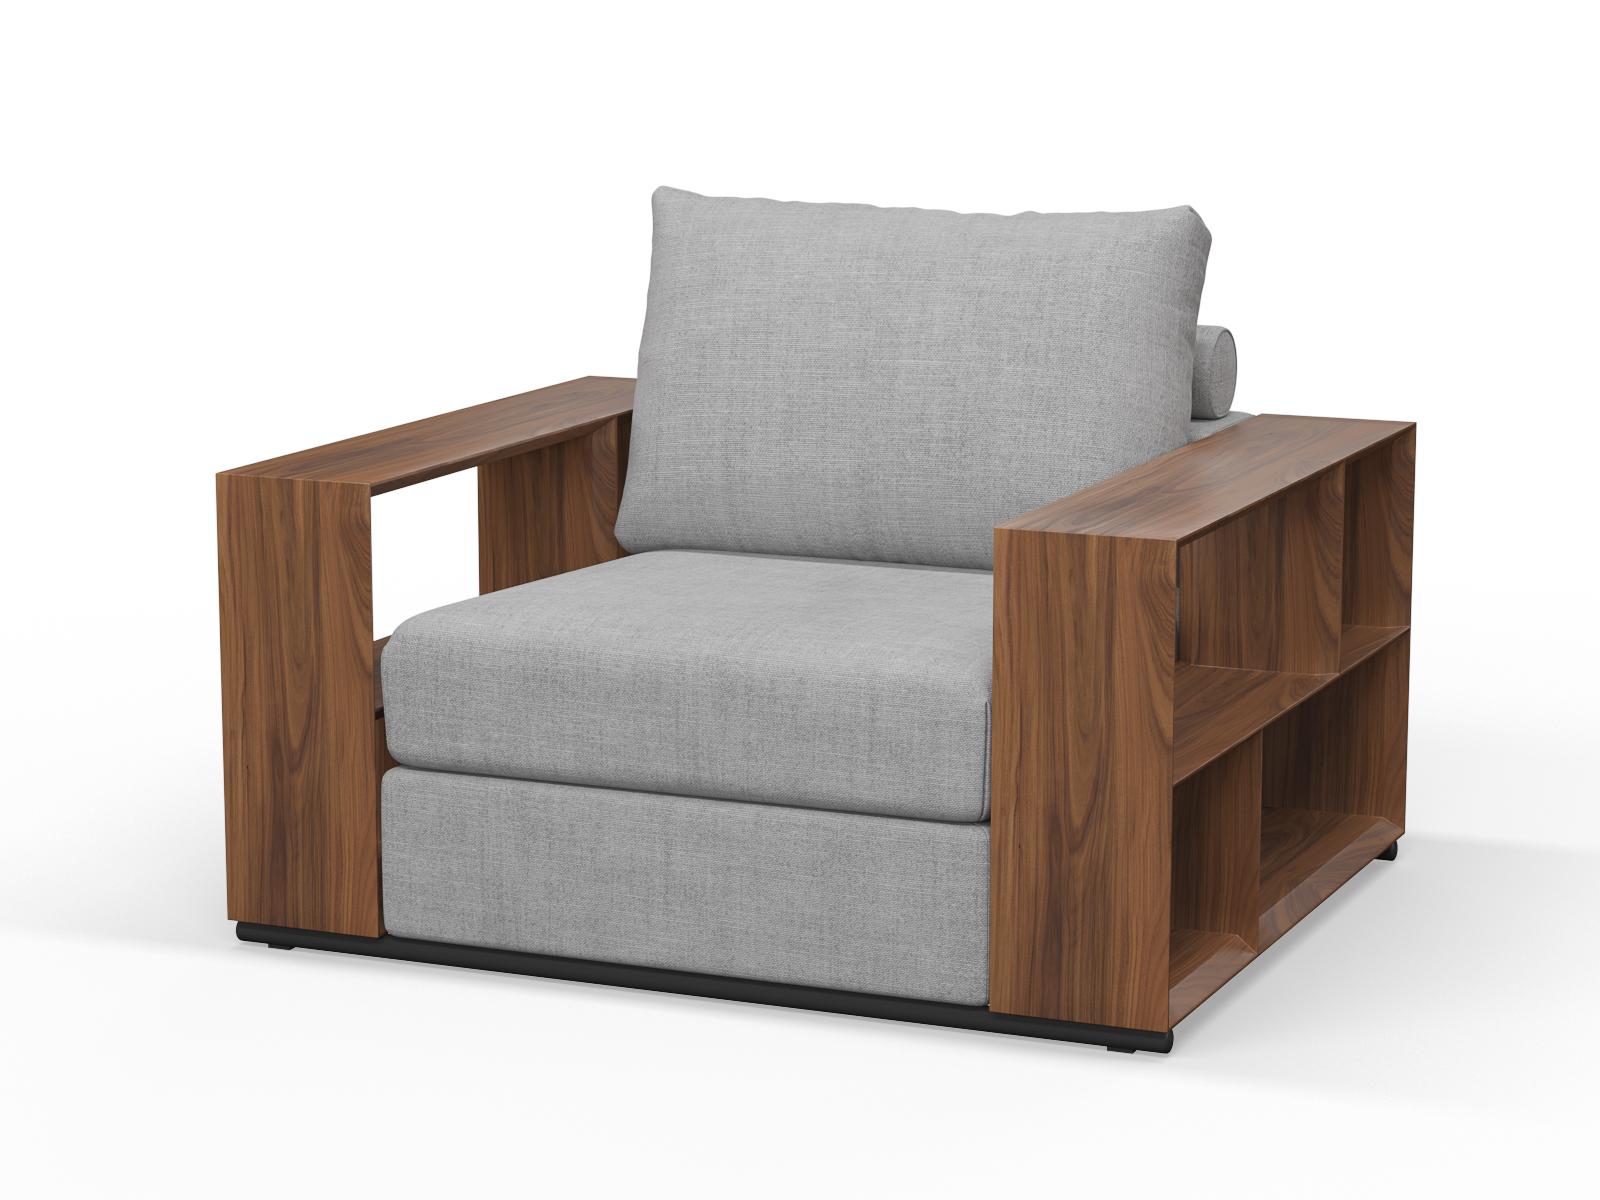 120cm x 100cm LTA RTA Walnut Timber